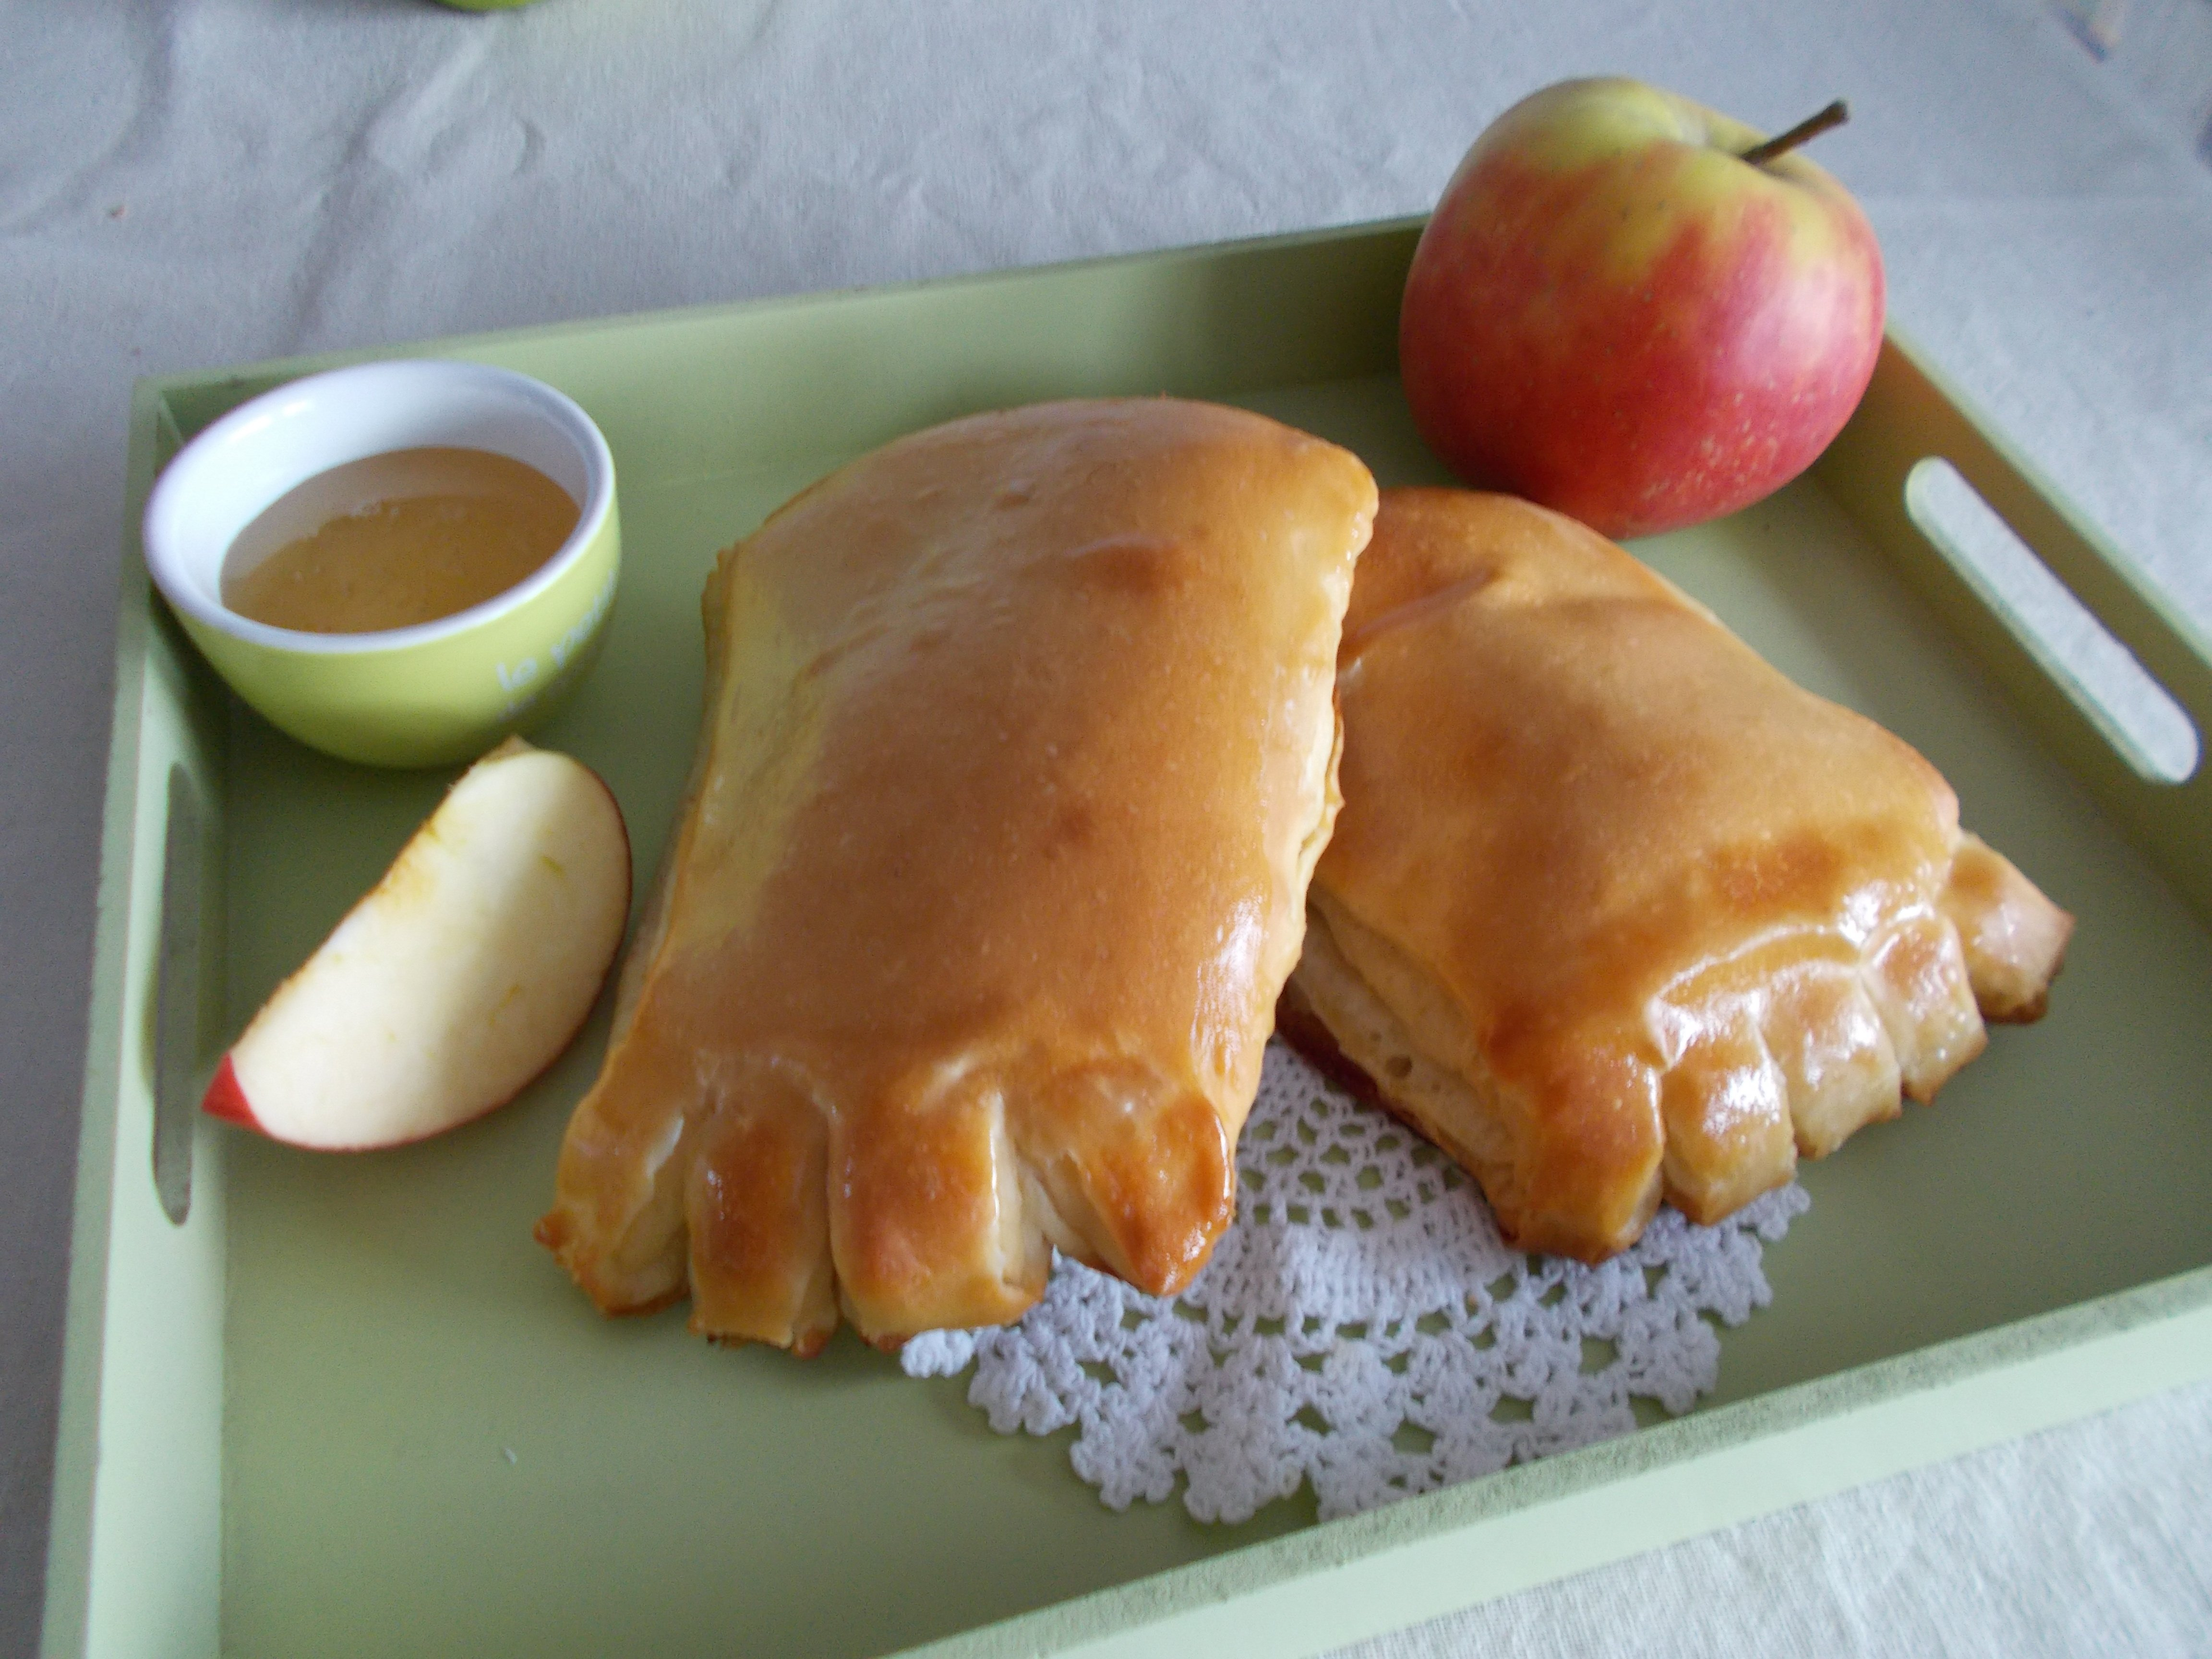 Patte d'ours à la pomme : la vraie recette